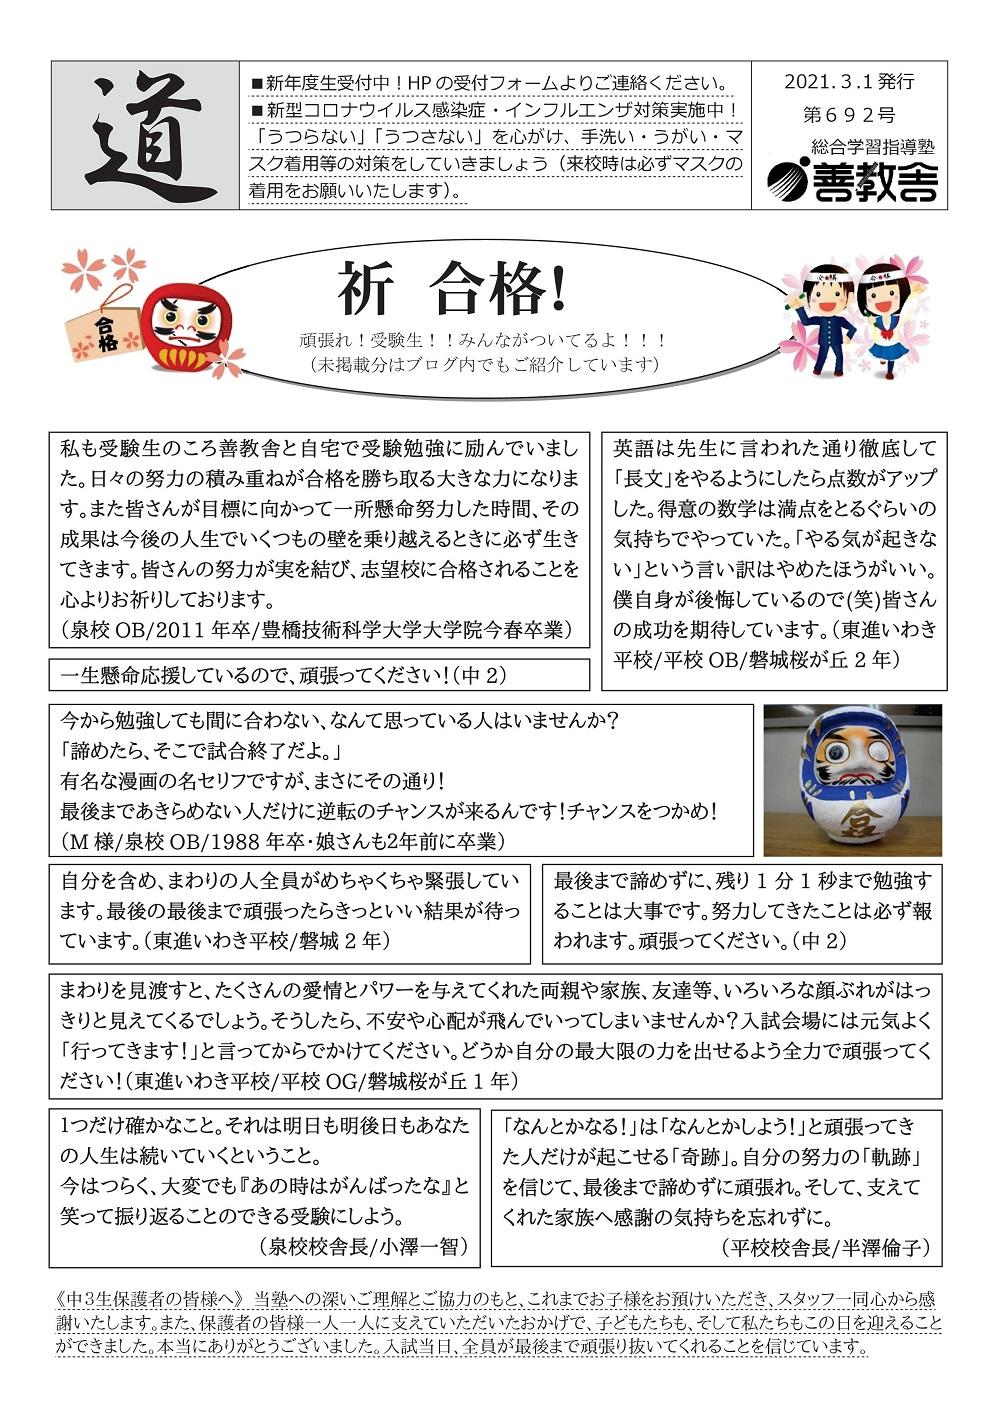 善教舎新聞「道」第692号(2021年3月1日号)